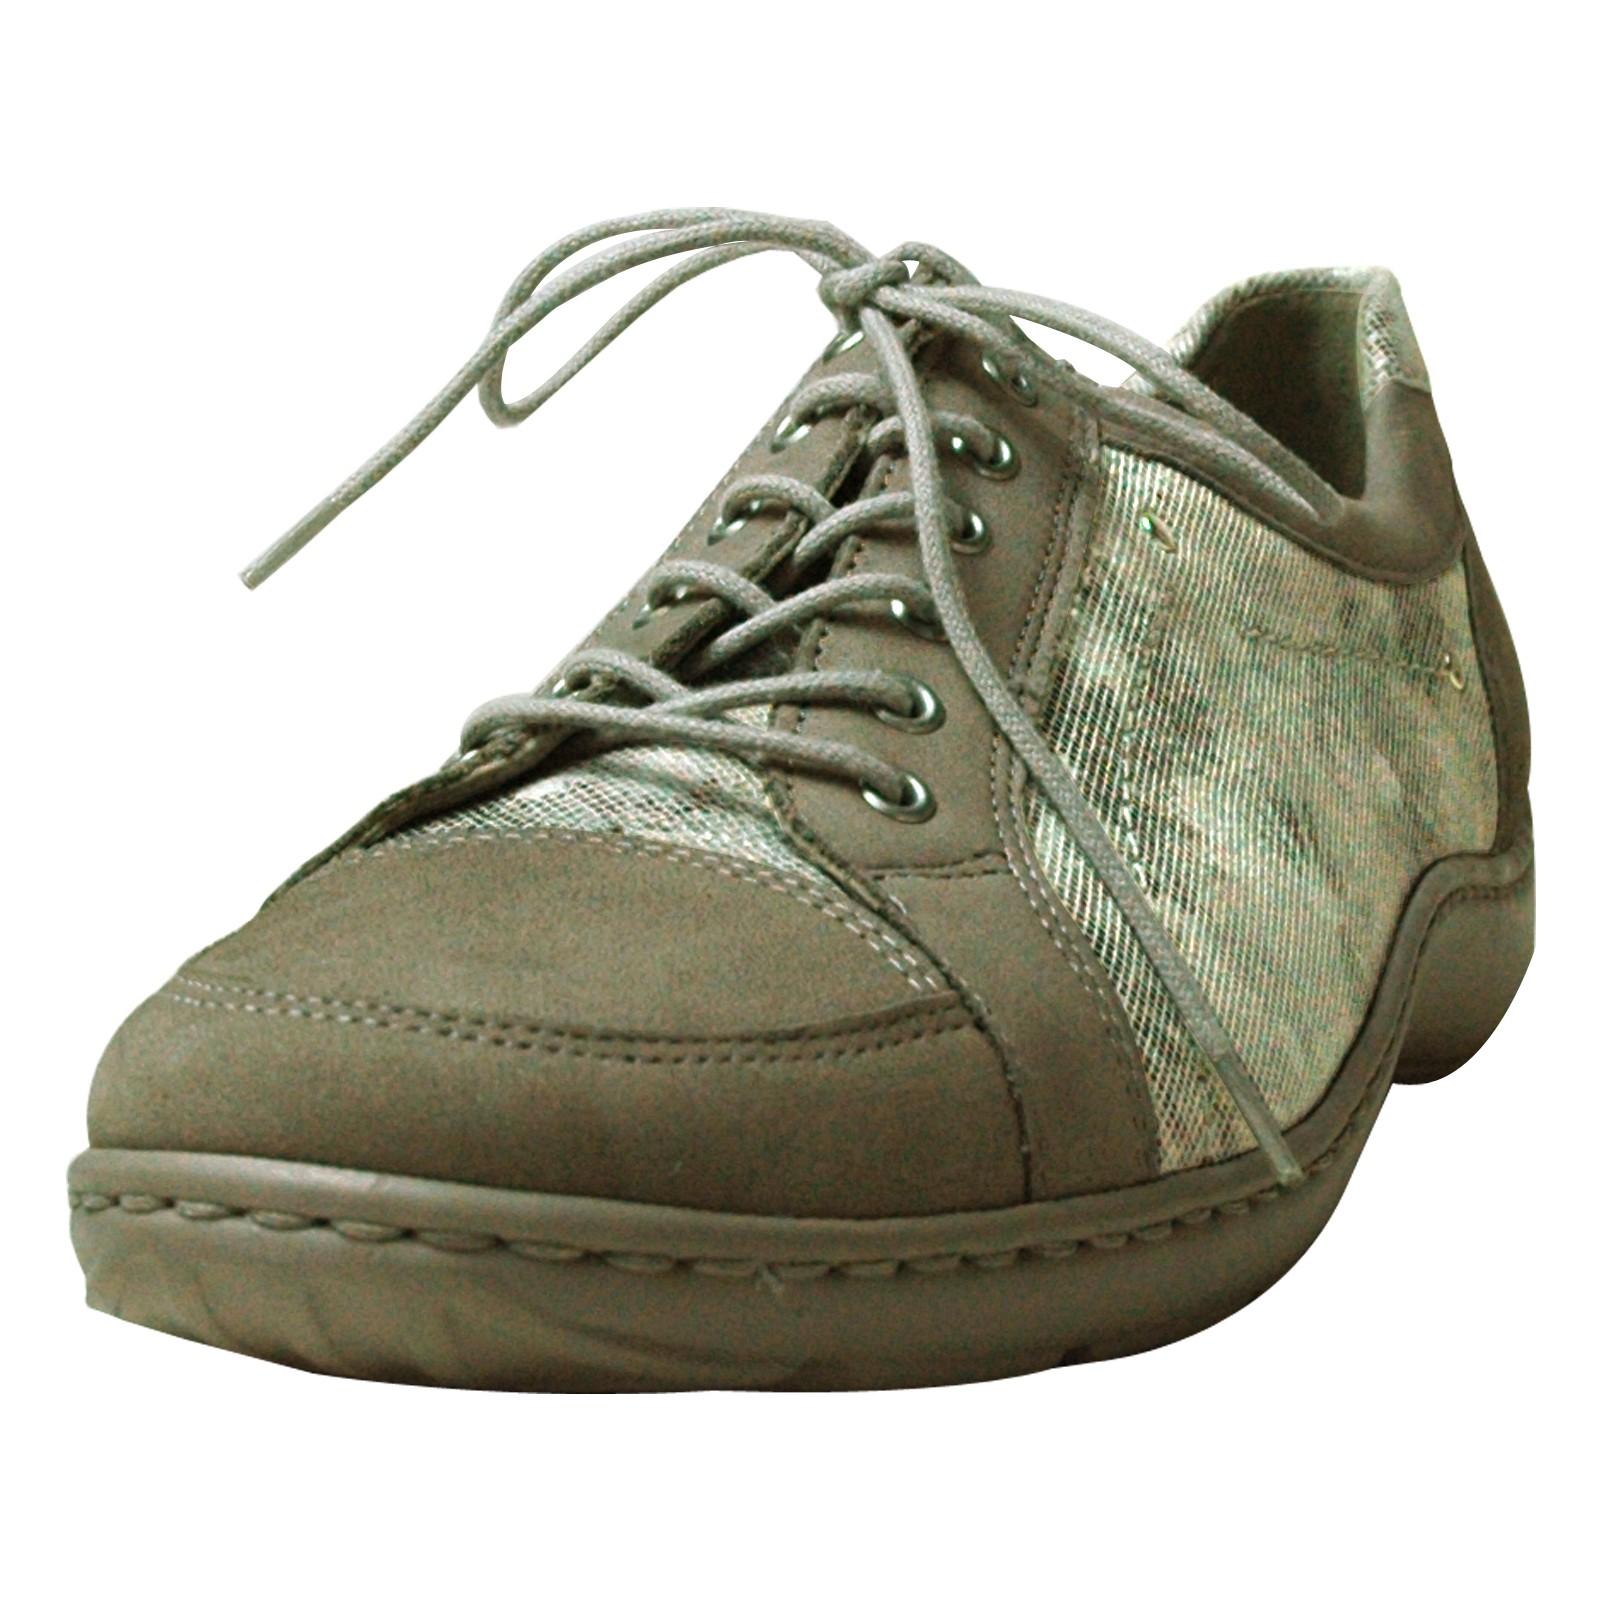 Waldläufer Lugina Damen Sneakers, Weite H mit Wechselfußbett